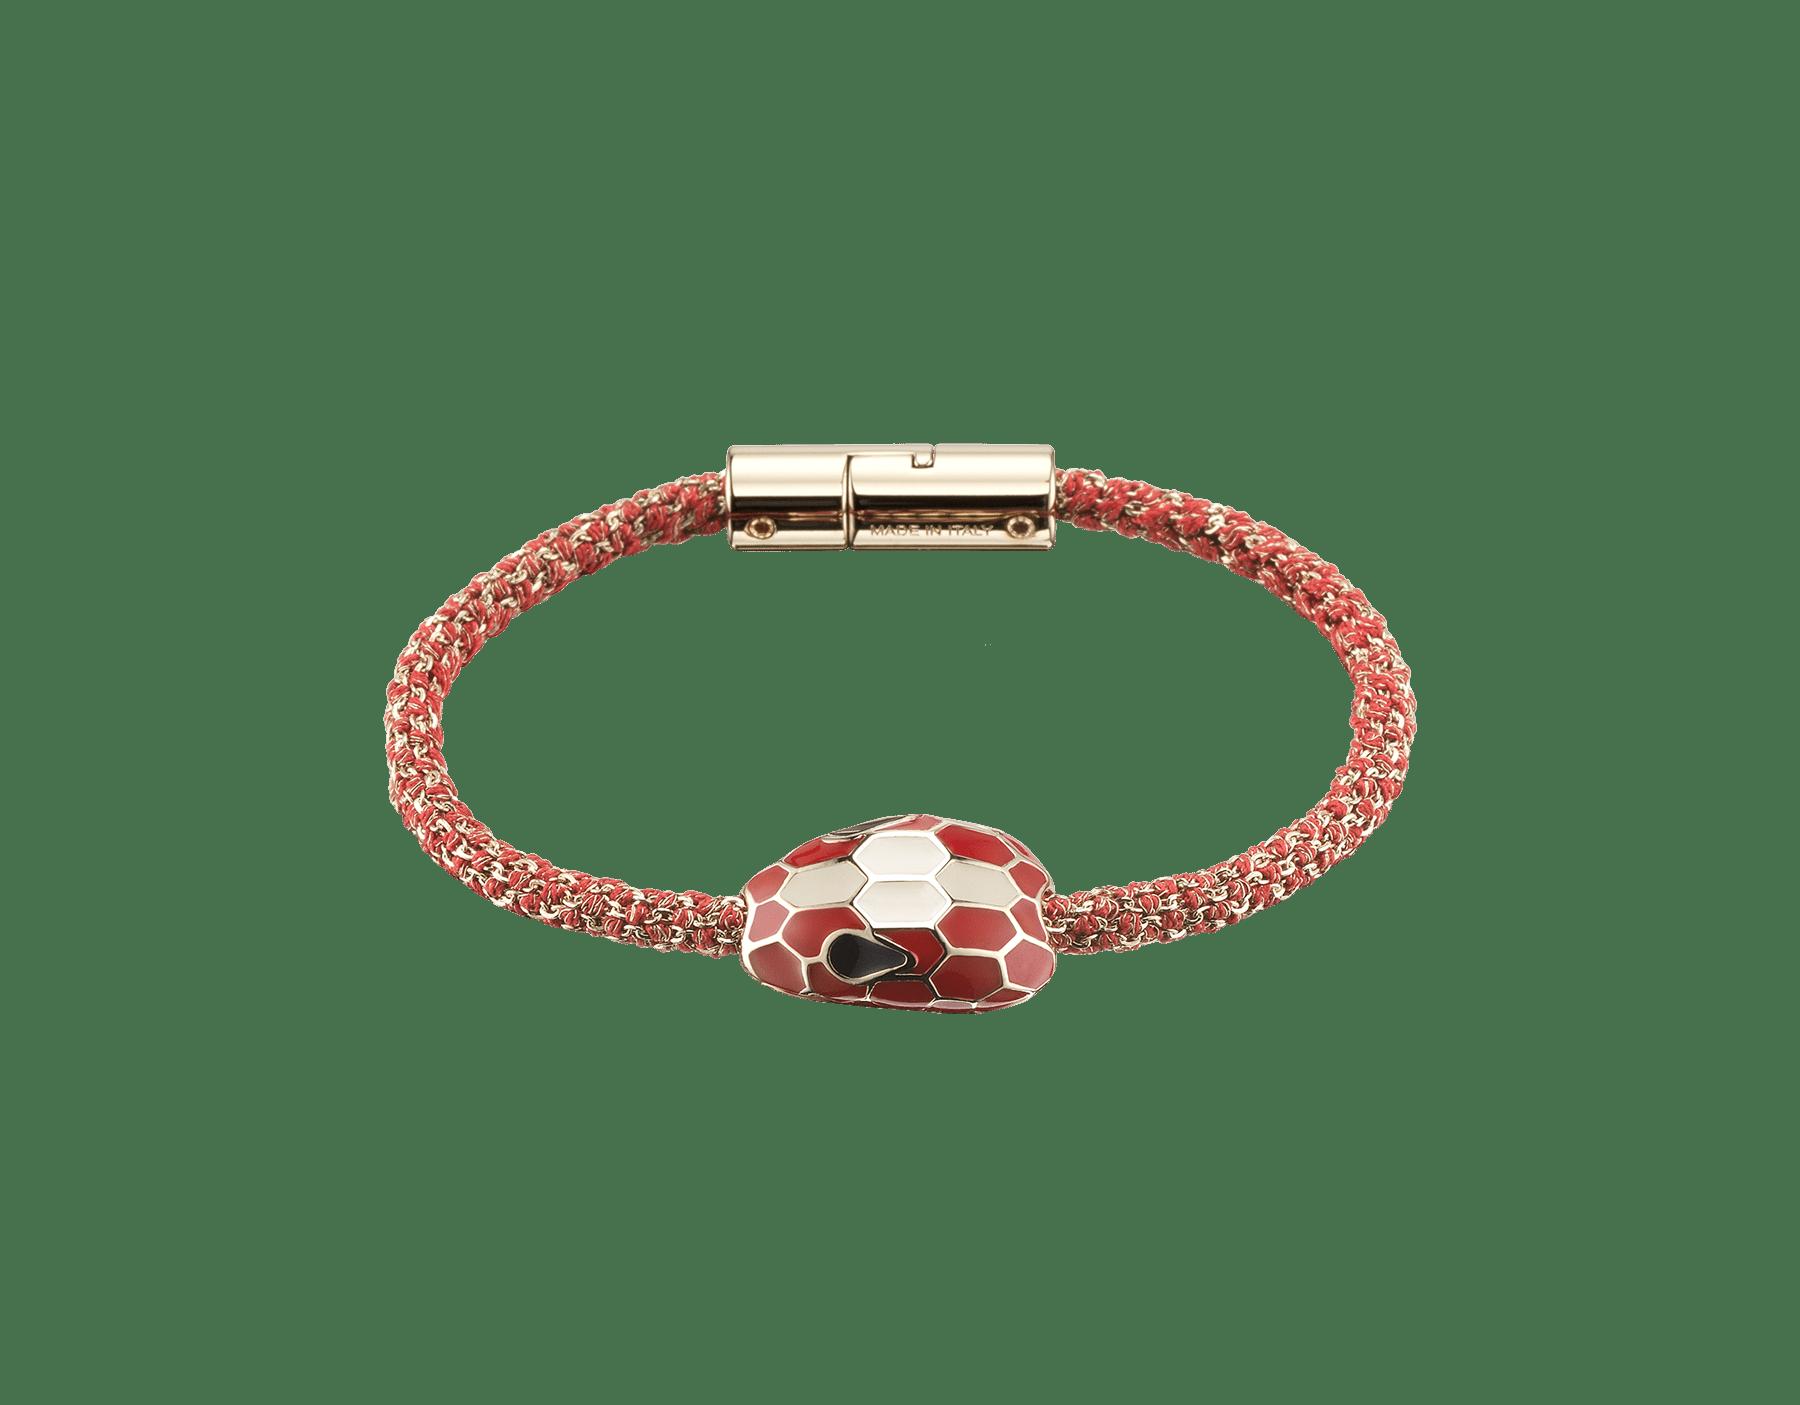 Bracelet Serpenti Forever en soie tressée métallisée couleur Carmine Jasper avec motif Serpenti emblématique en émail couleur Carmine Jasper et blanc. RollingChain-S-CJ image 1